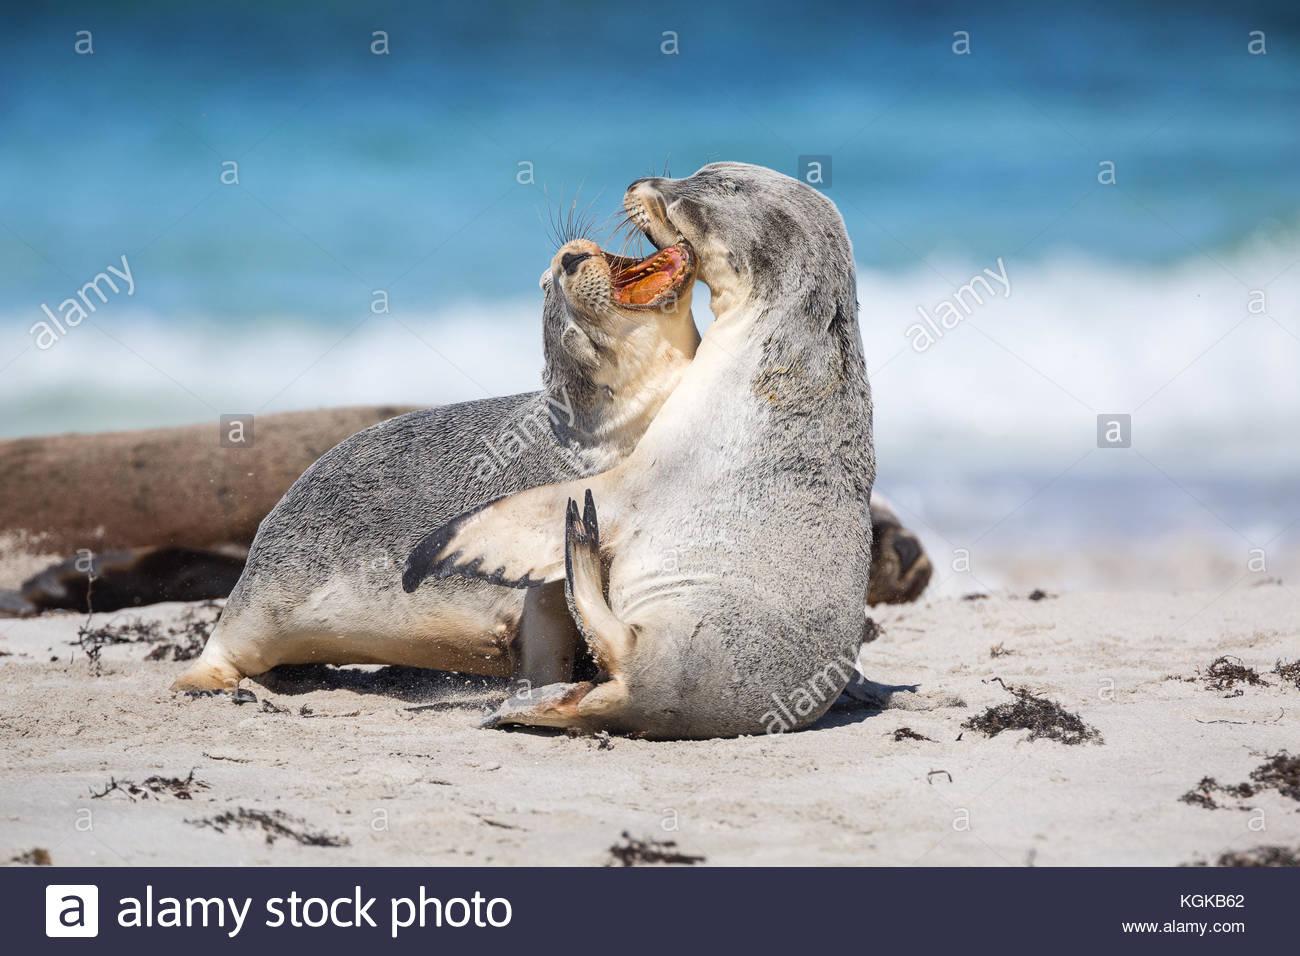 Los jóvenes leones marinos australianos, Neophoca cinerea, formular uno al otro en la playa. Imagen De Stock